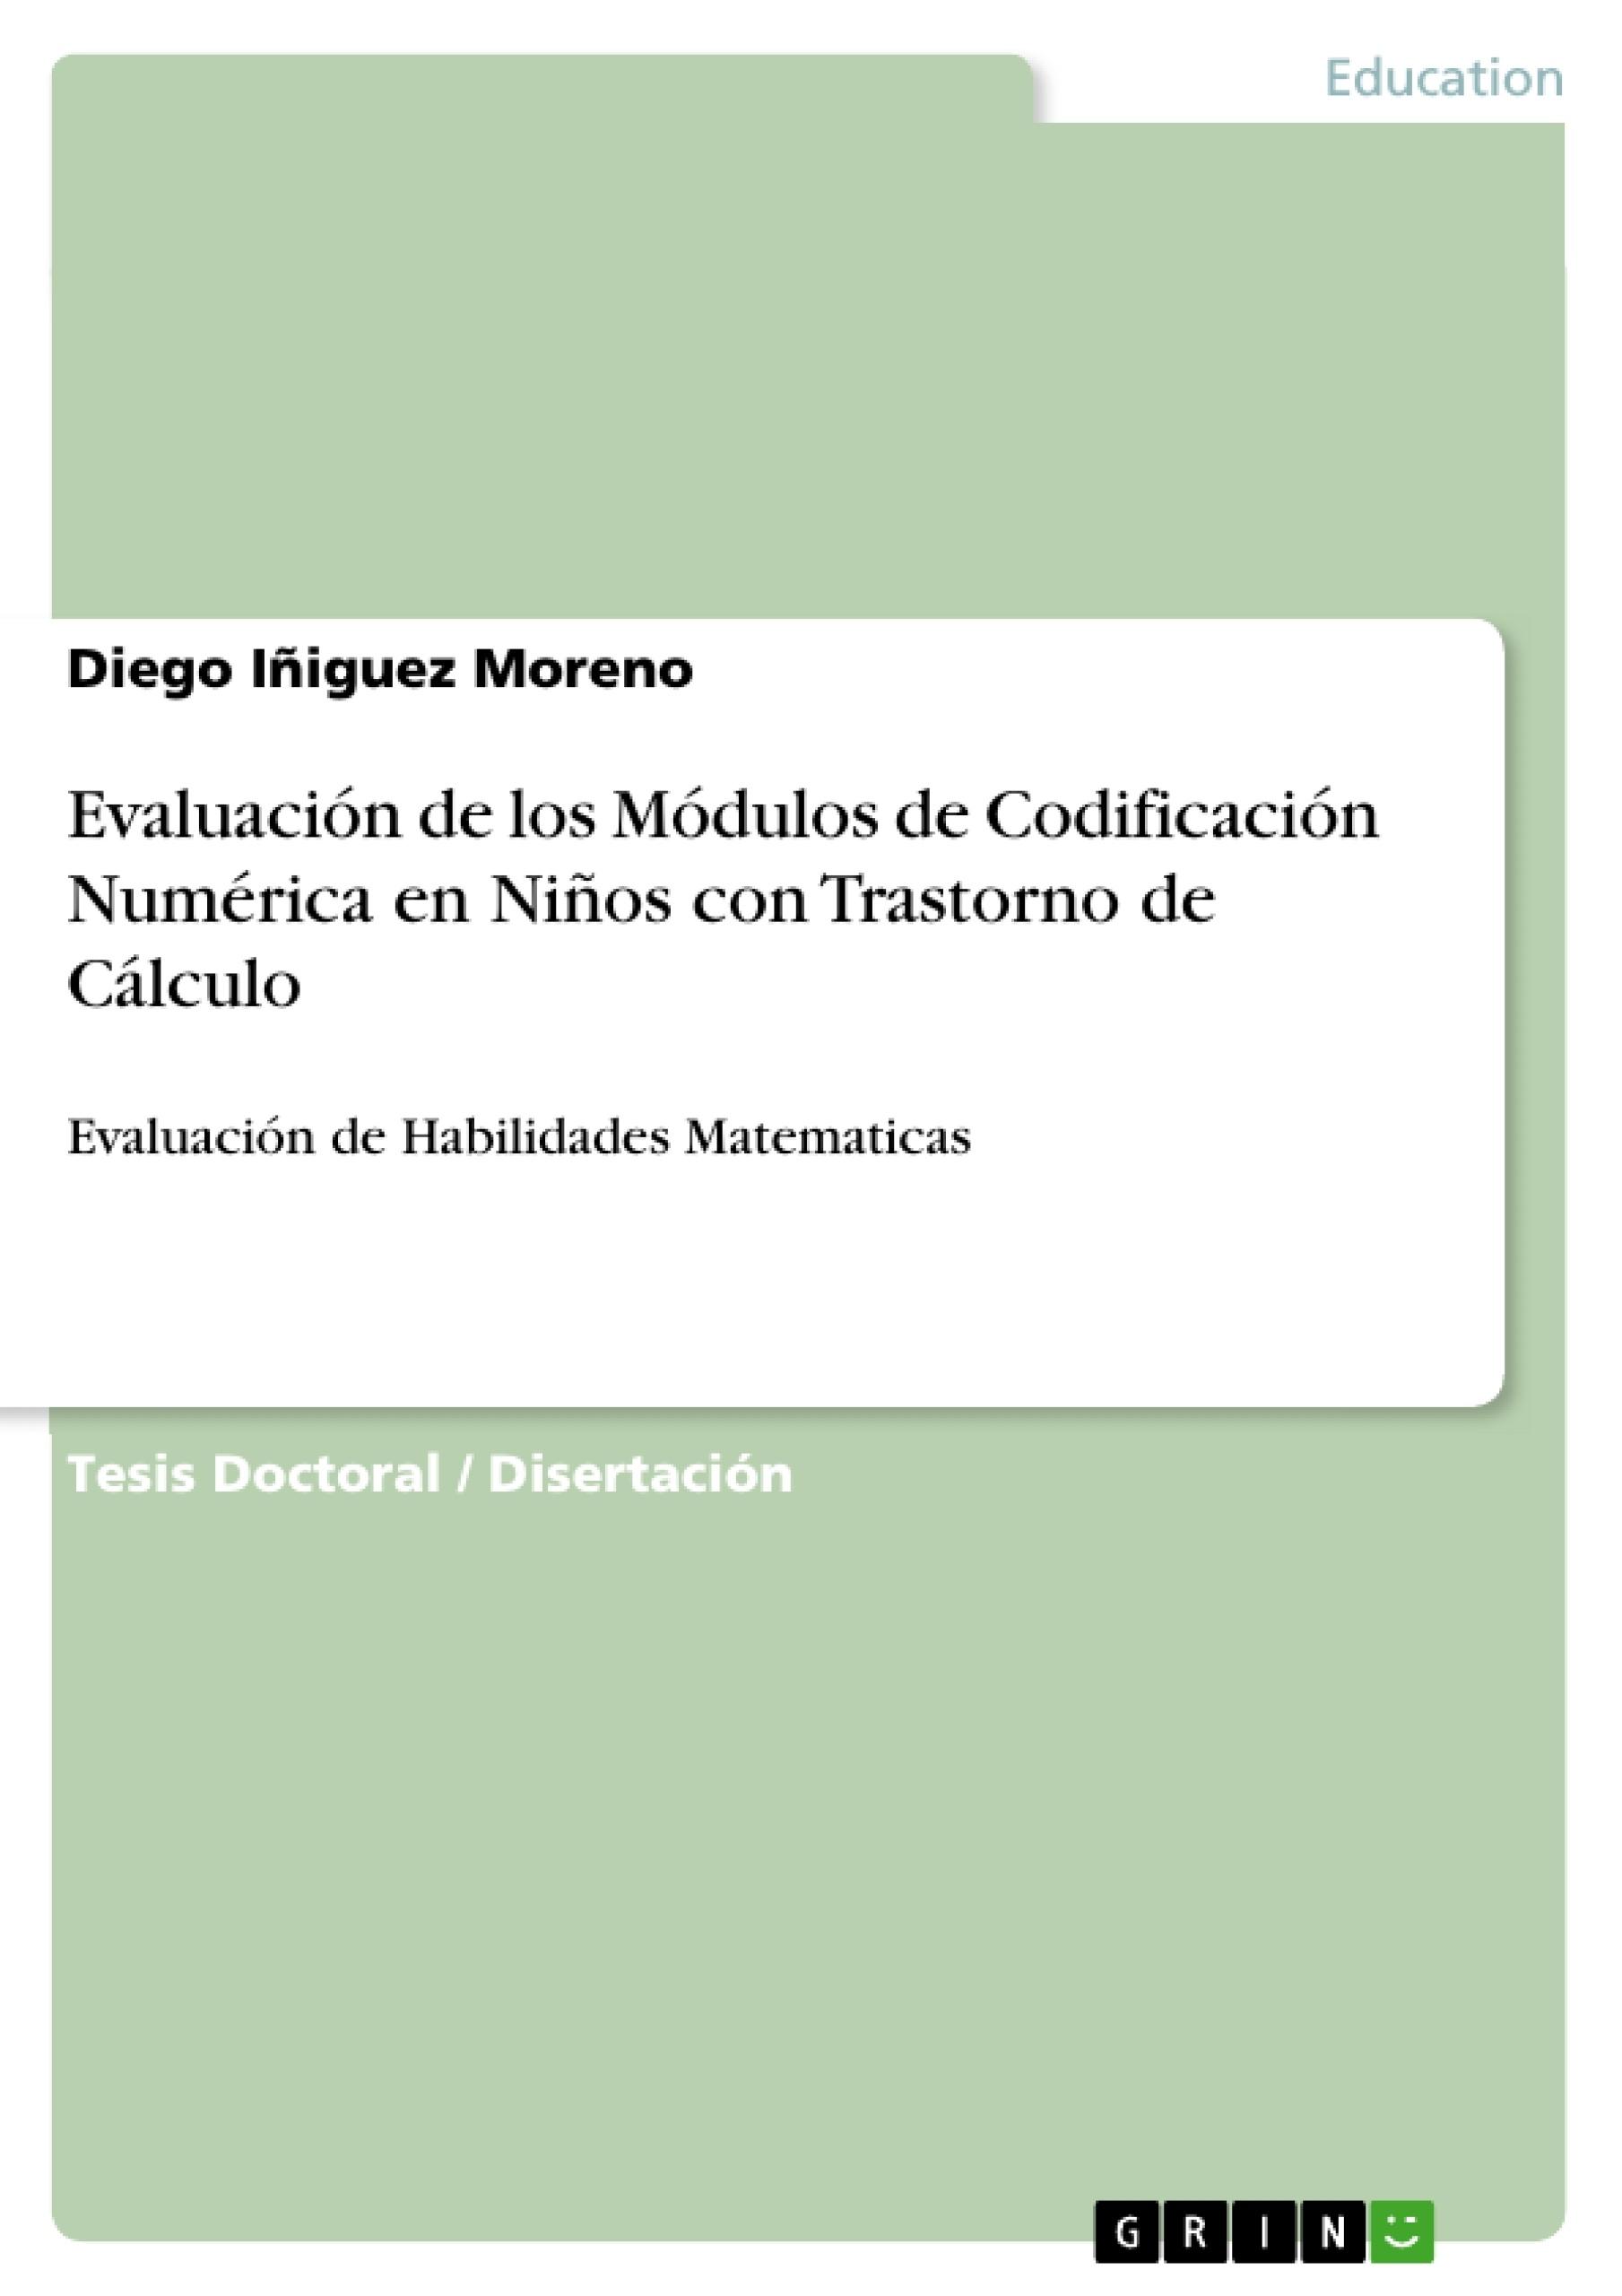 Título: Evaluación de los Módulos de Codificación Numérica en Niños con Trastorno de Cálculo